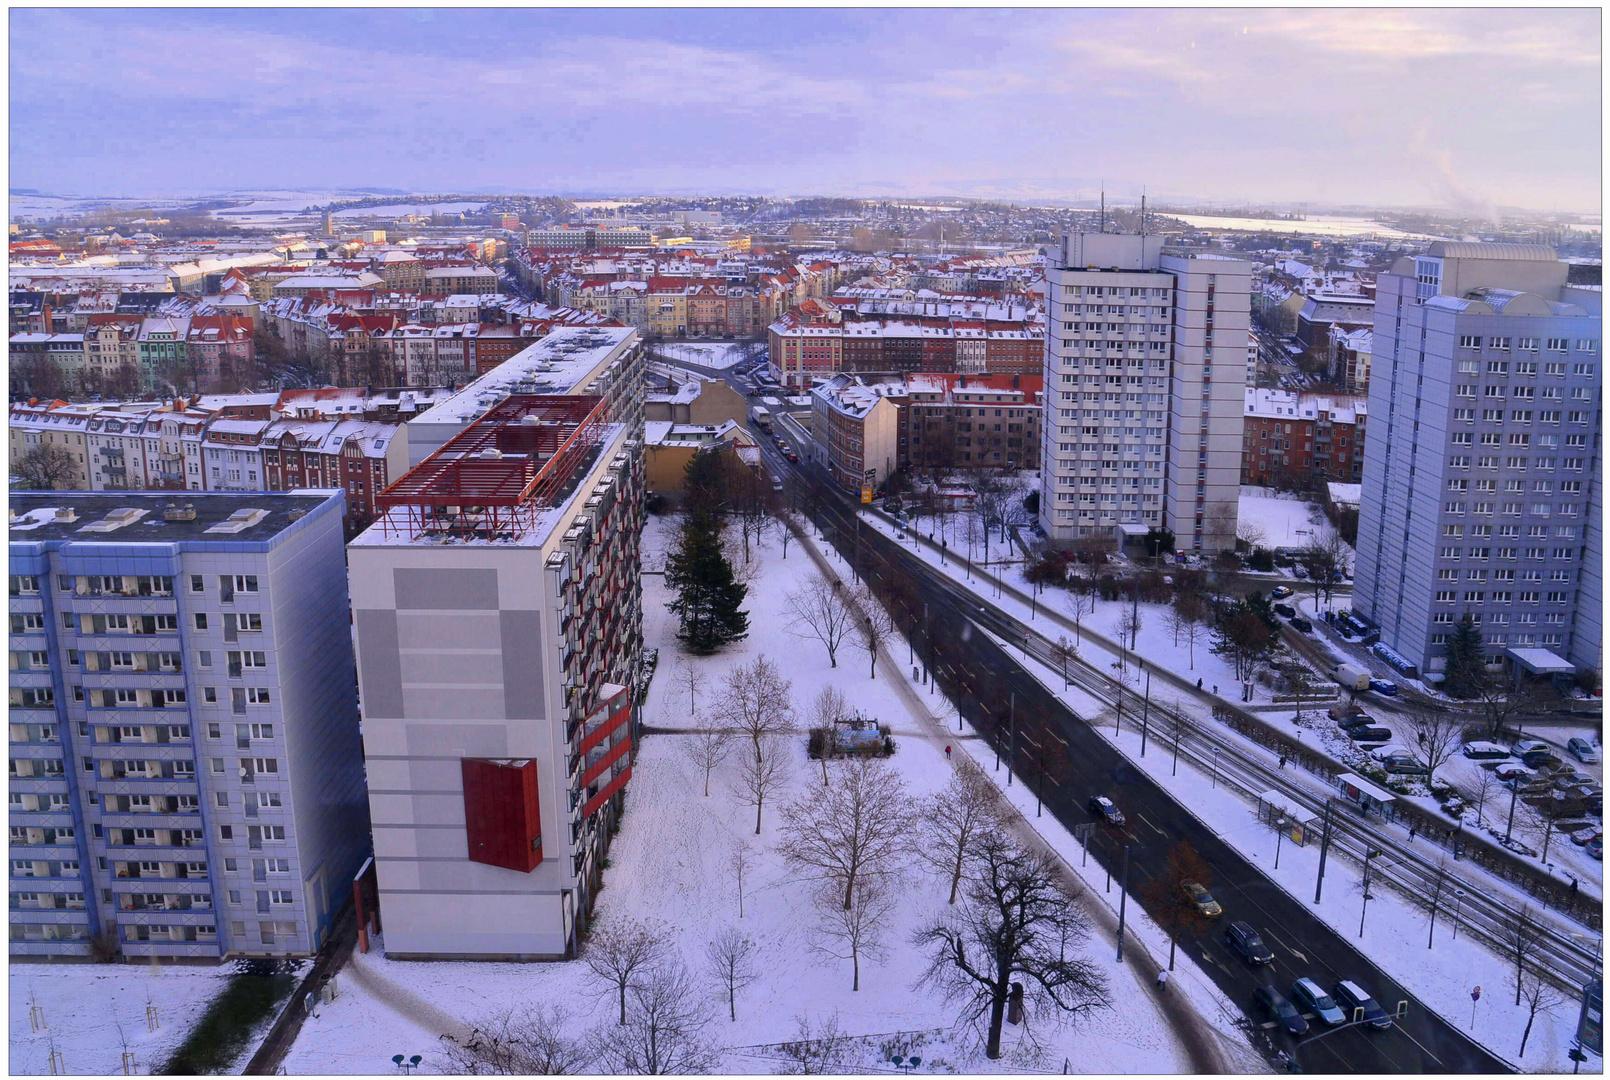 estar de visita en Erfurt, 1 (Besuch in Erfurt, 1)